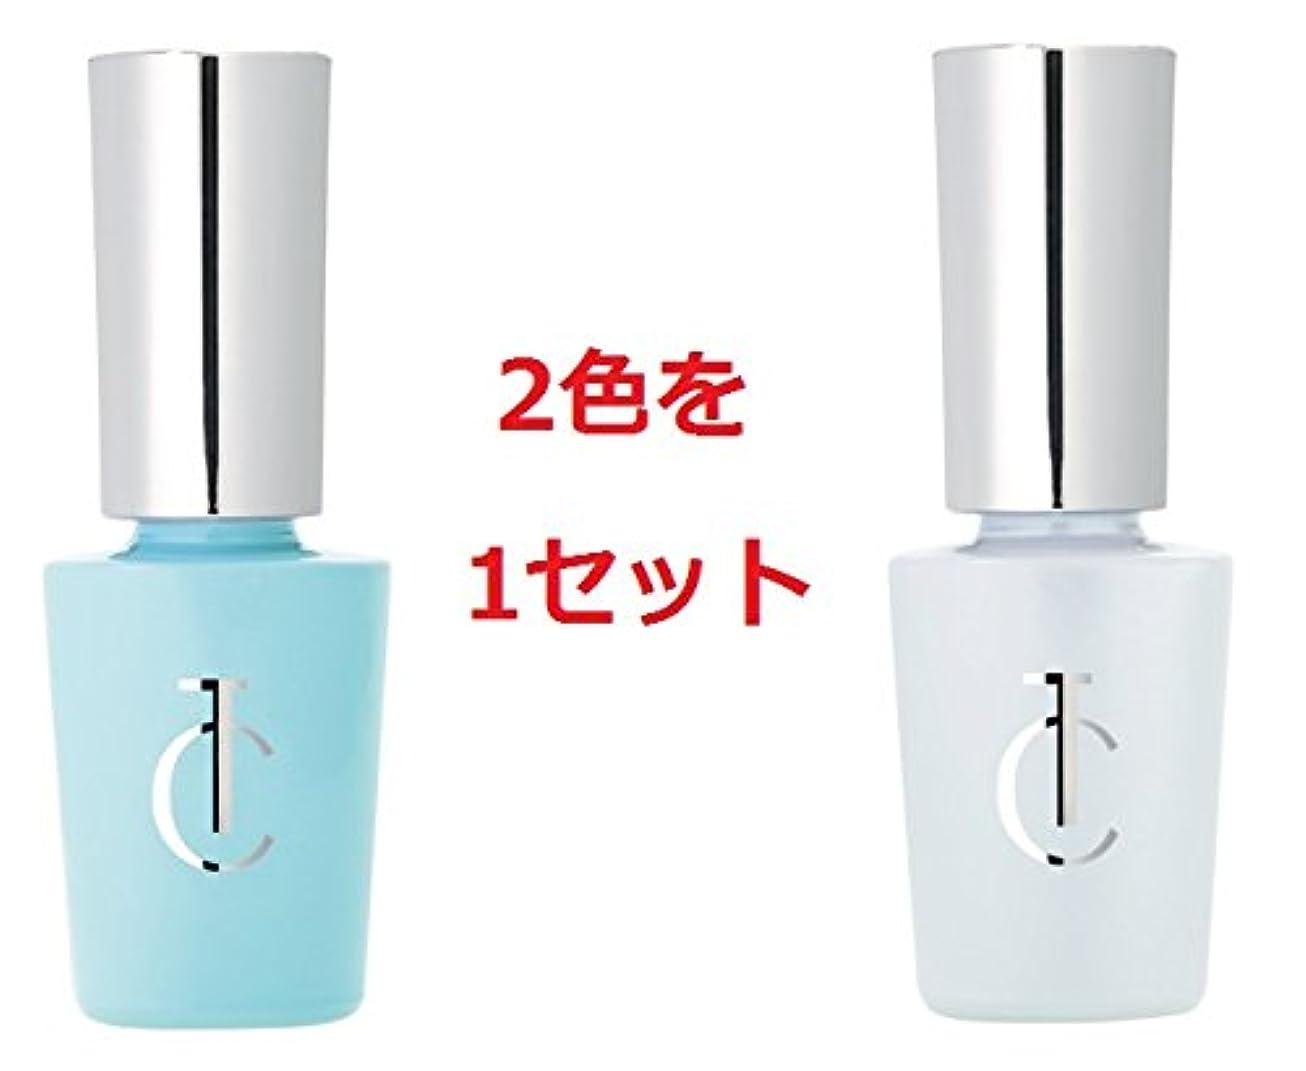 焼くドロー慣らすTooColor アクアパール、ピュアホワイト2色セット品 [口腔化粧品 歯のマニキュア]マイクロソリューション